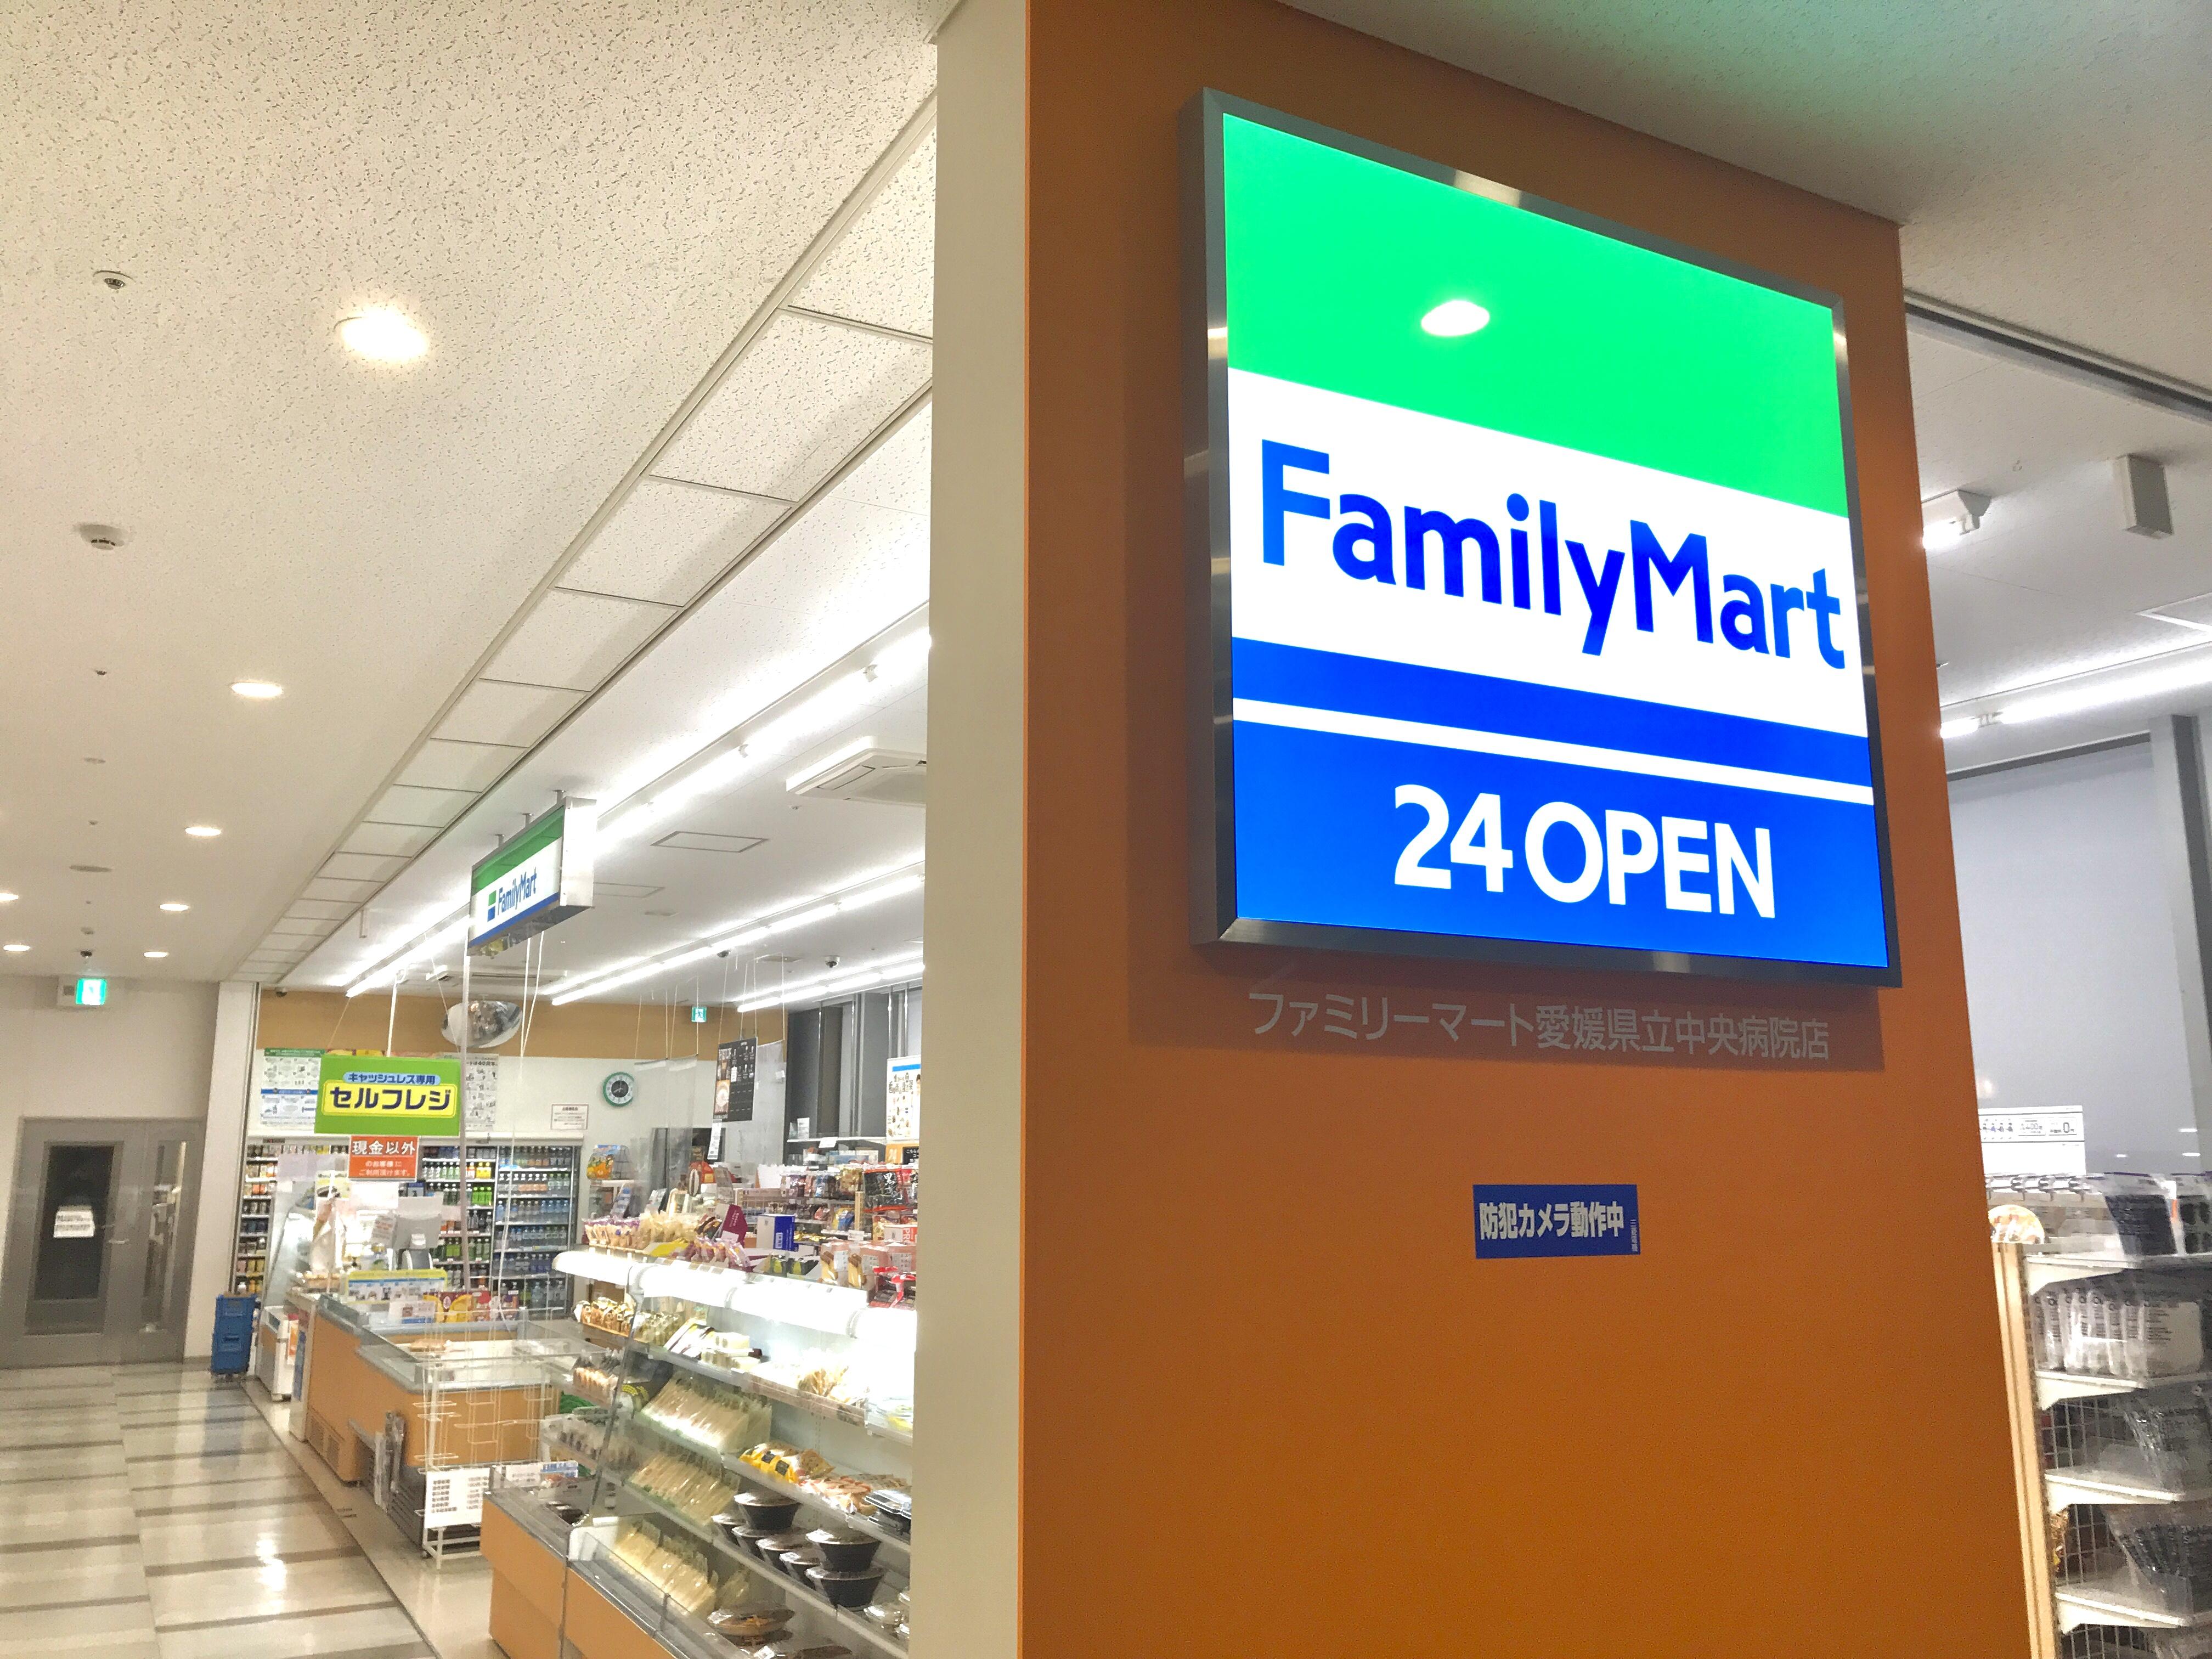 愛媛県立中央病院「ファミリーマート」